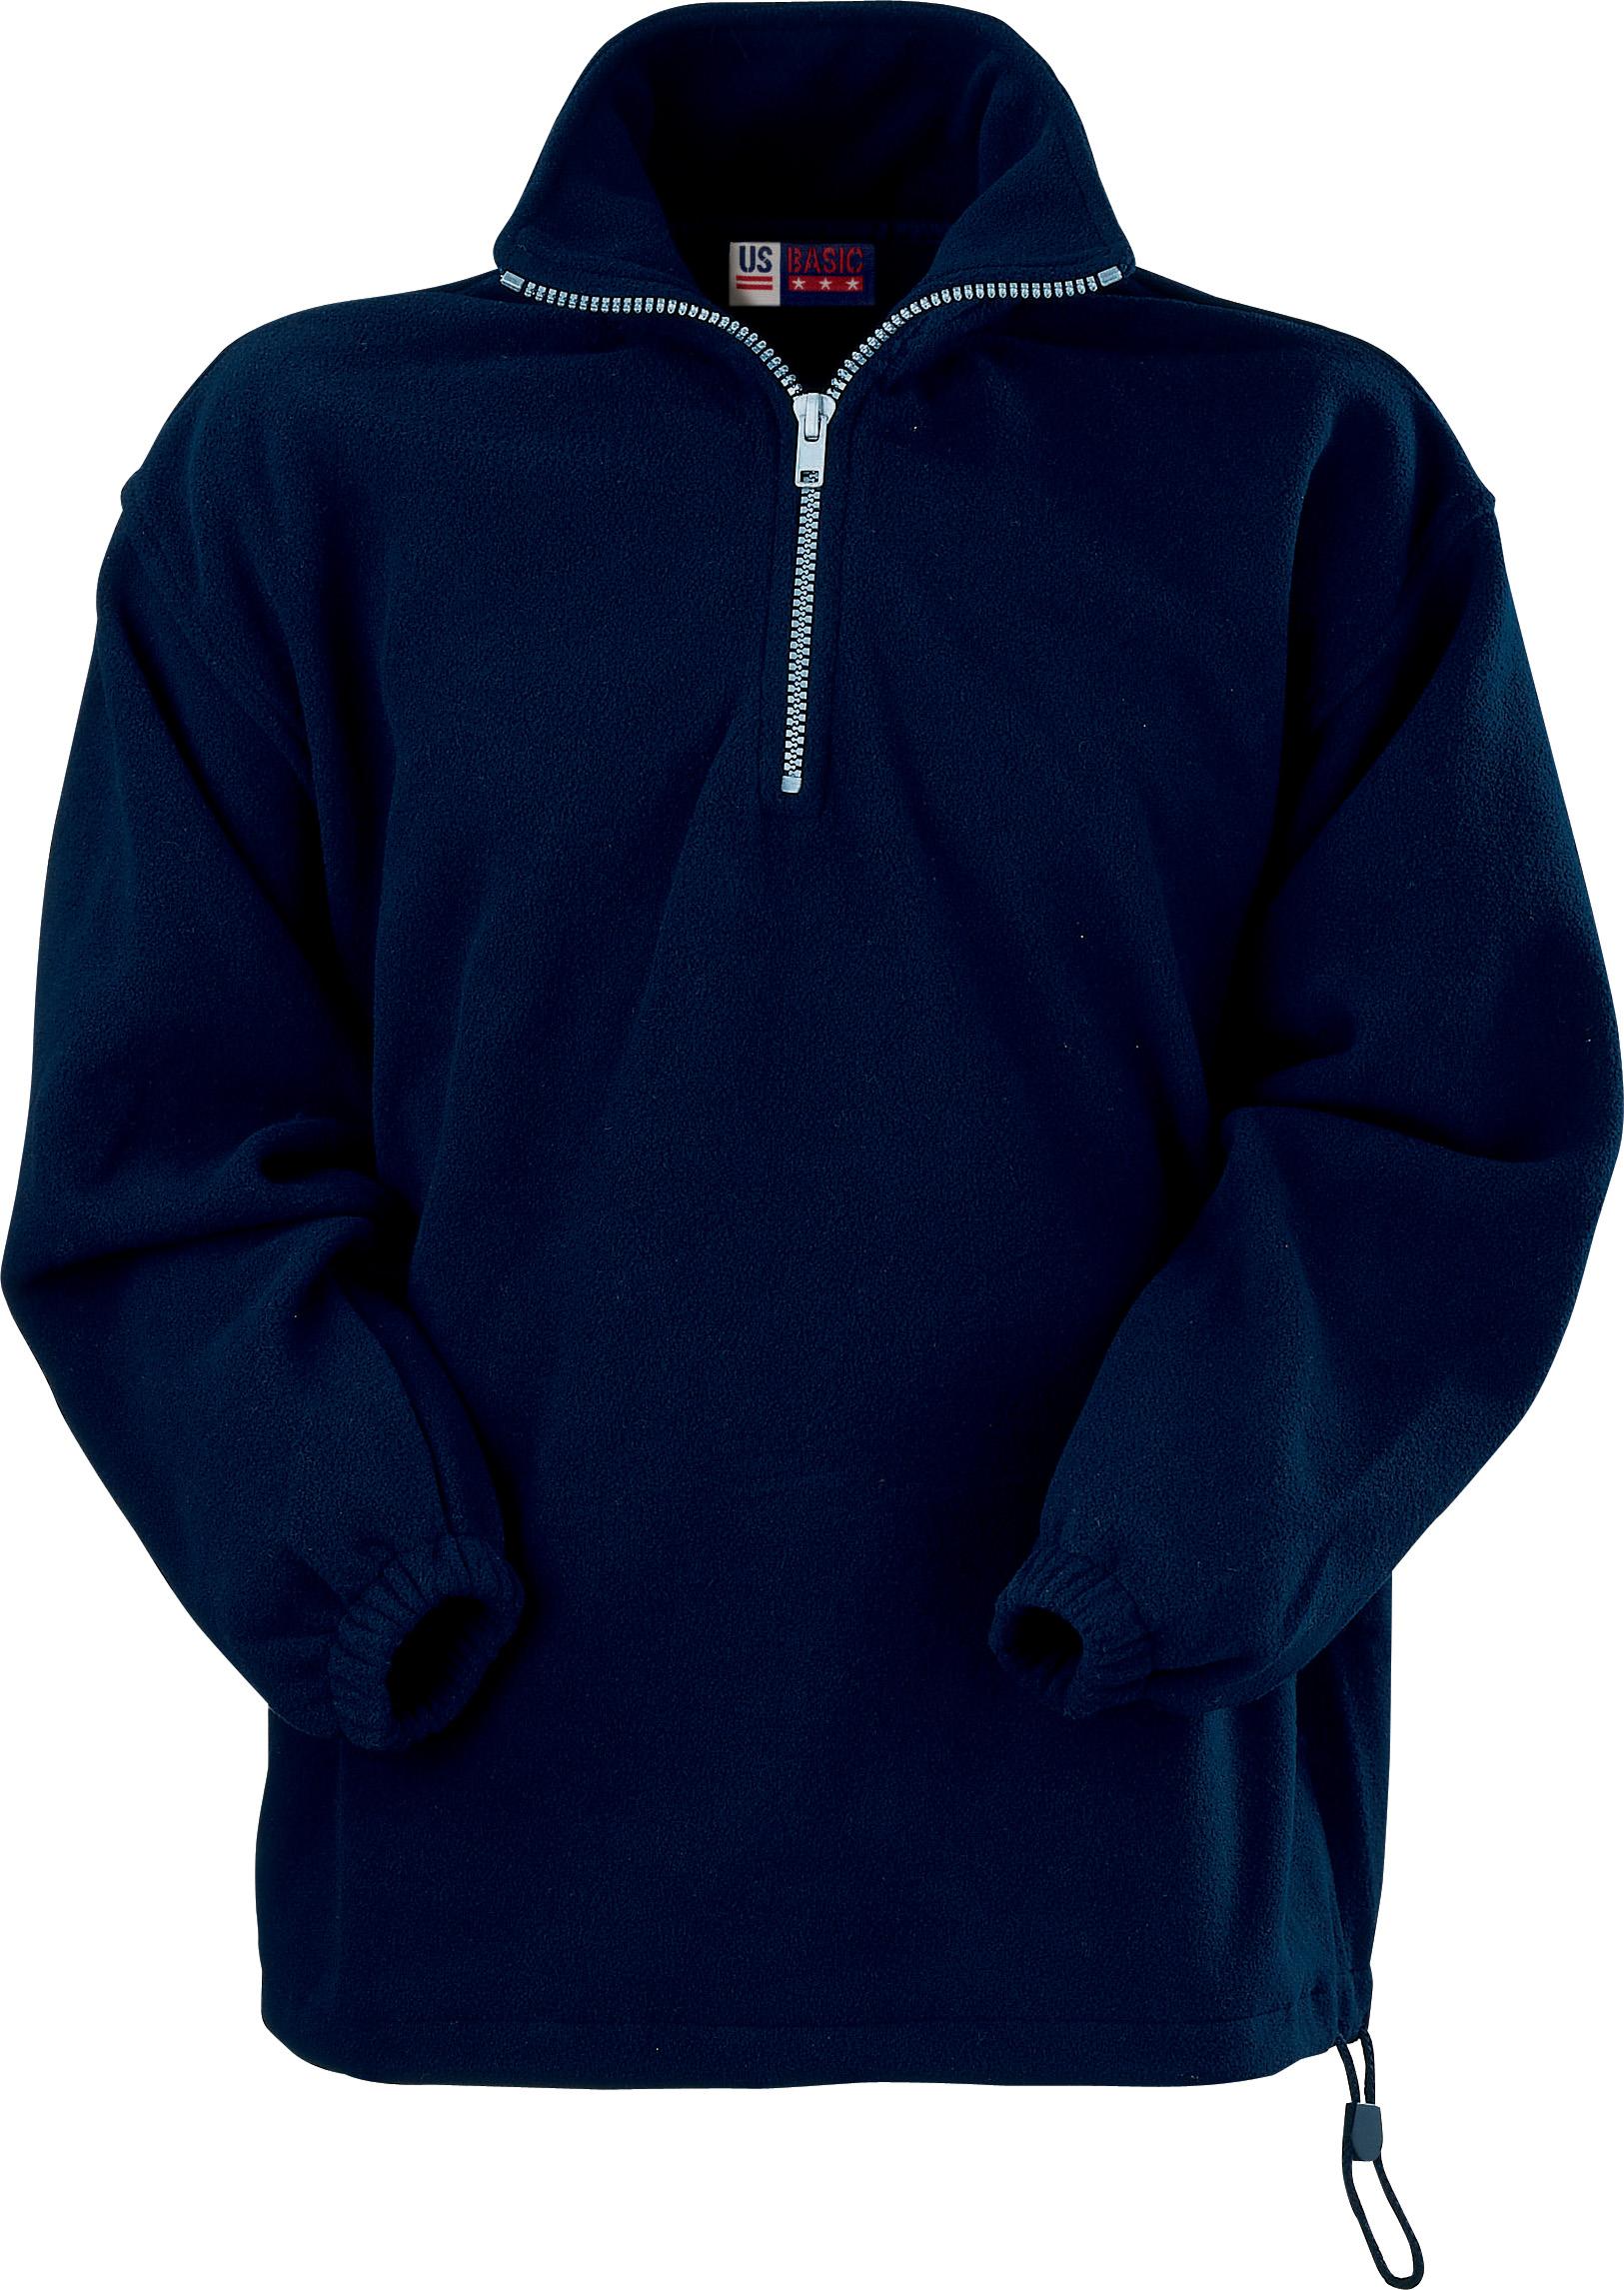 Bluza Polarowa 31797 Taos Us - 31797_granatowy_granatowy_US - Kolor: Granatowy/Granatowy